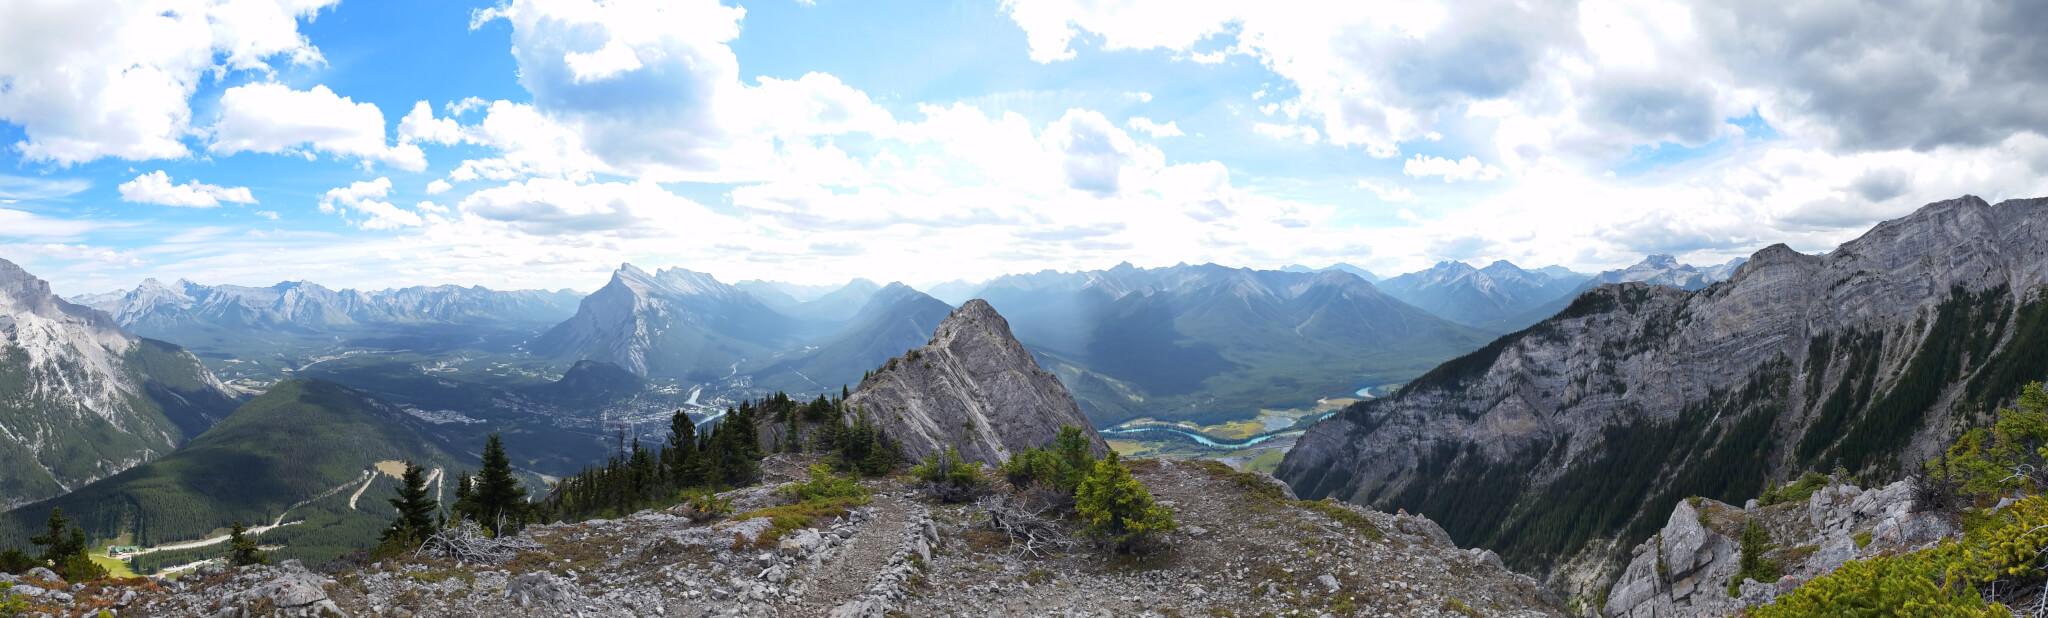 Nos images en Via Ferrata à Norquay, Banff qui ont été publié sur le site de Nomade Magazine